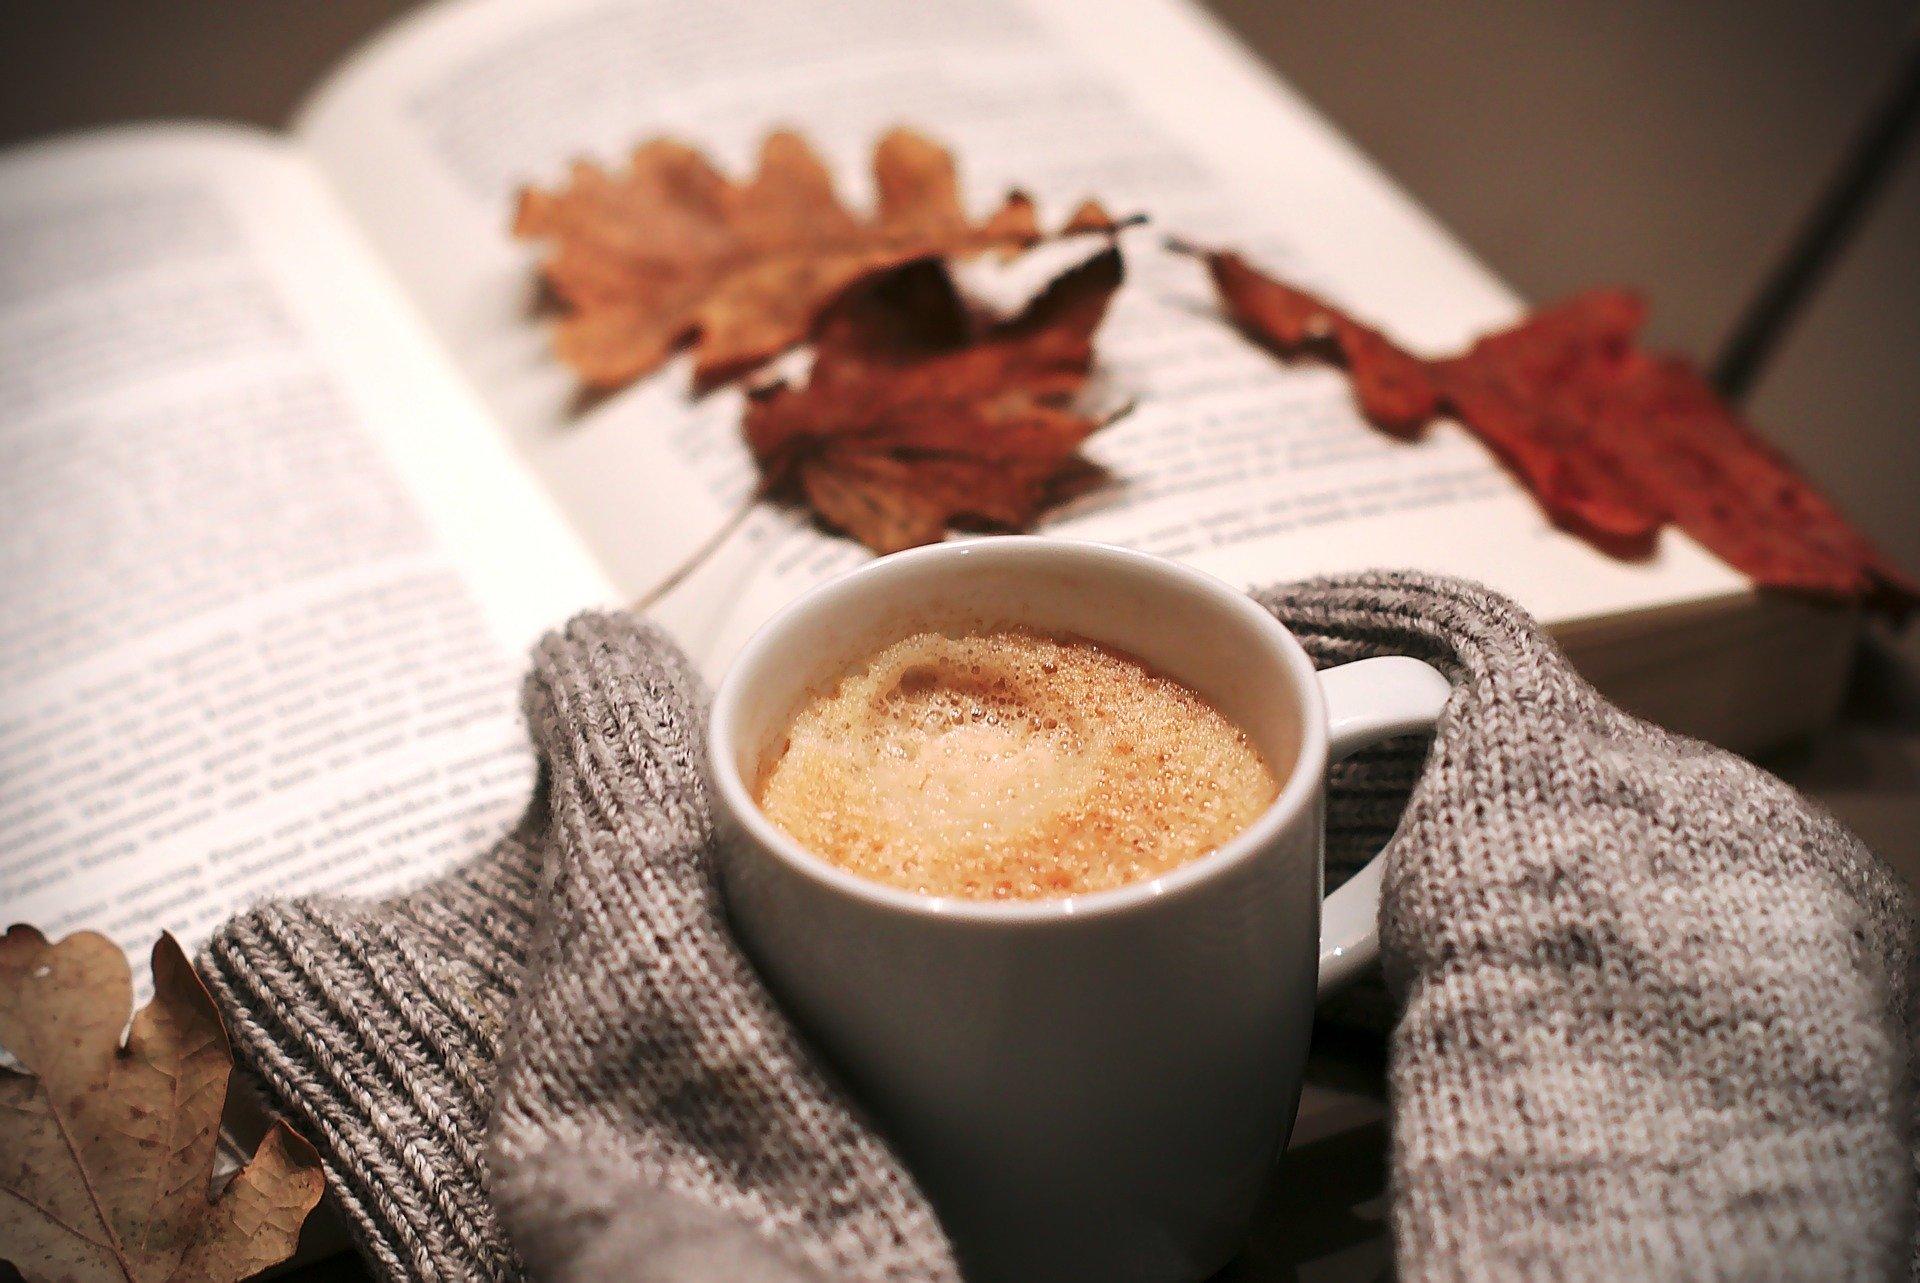 Kaffe_og_læsning